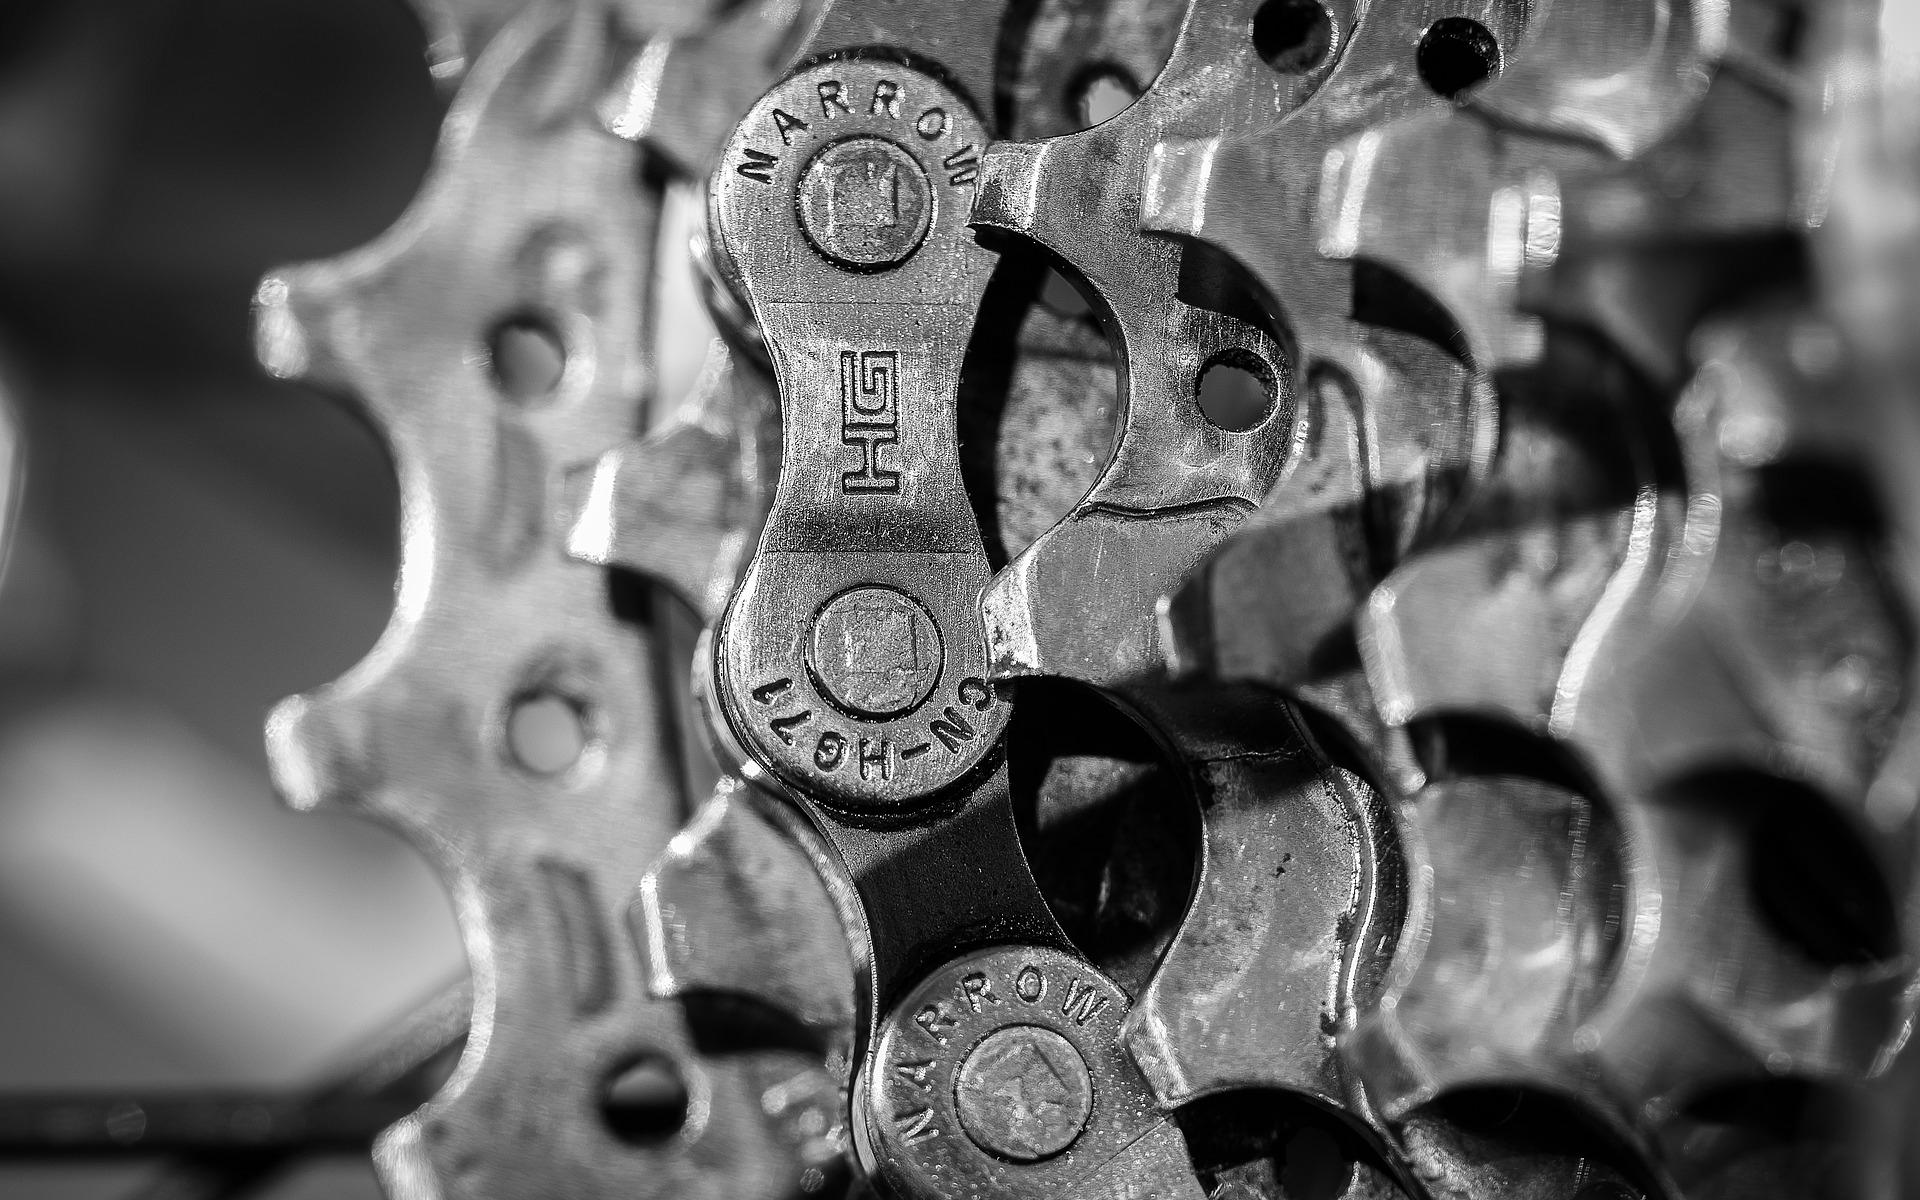 gear-2291916_1920 (1)111